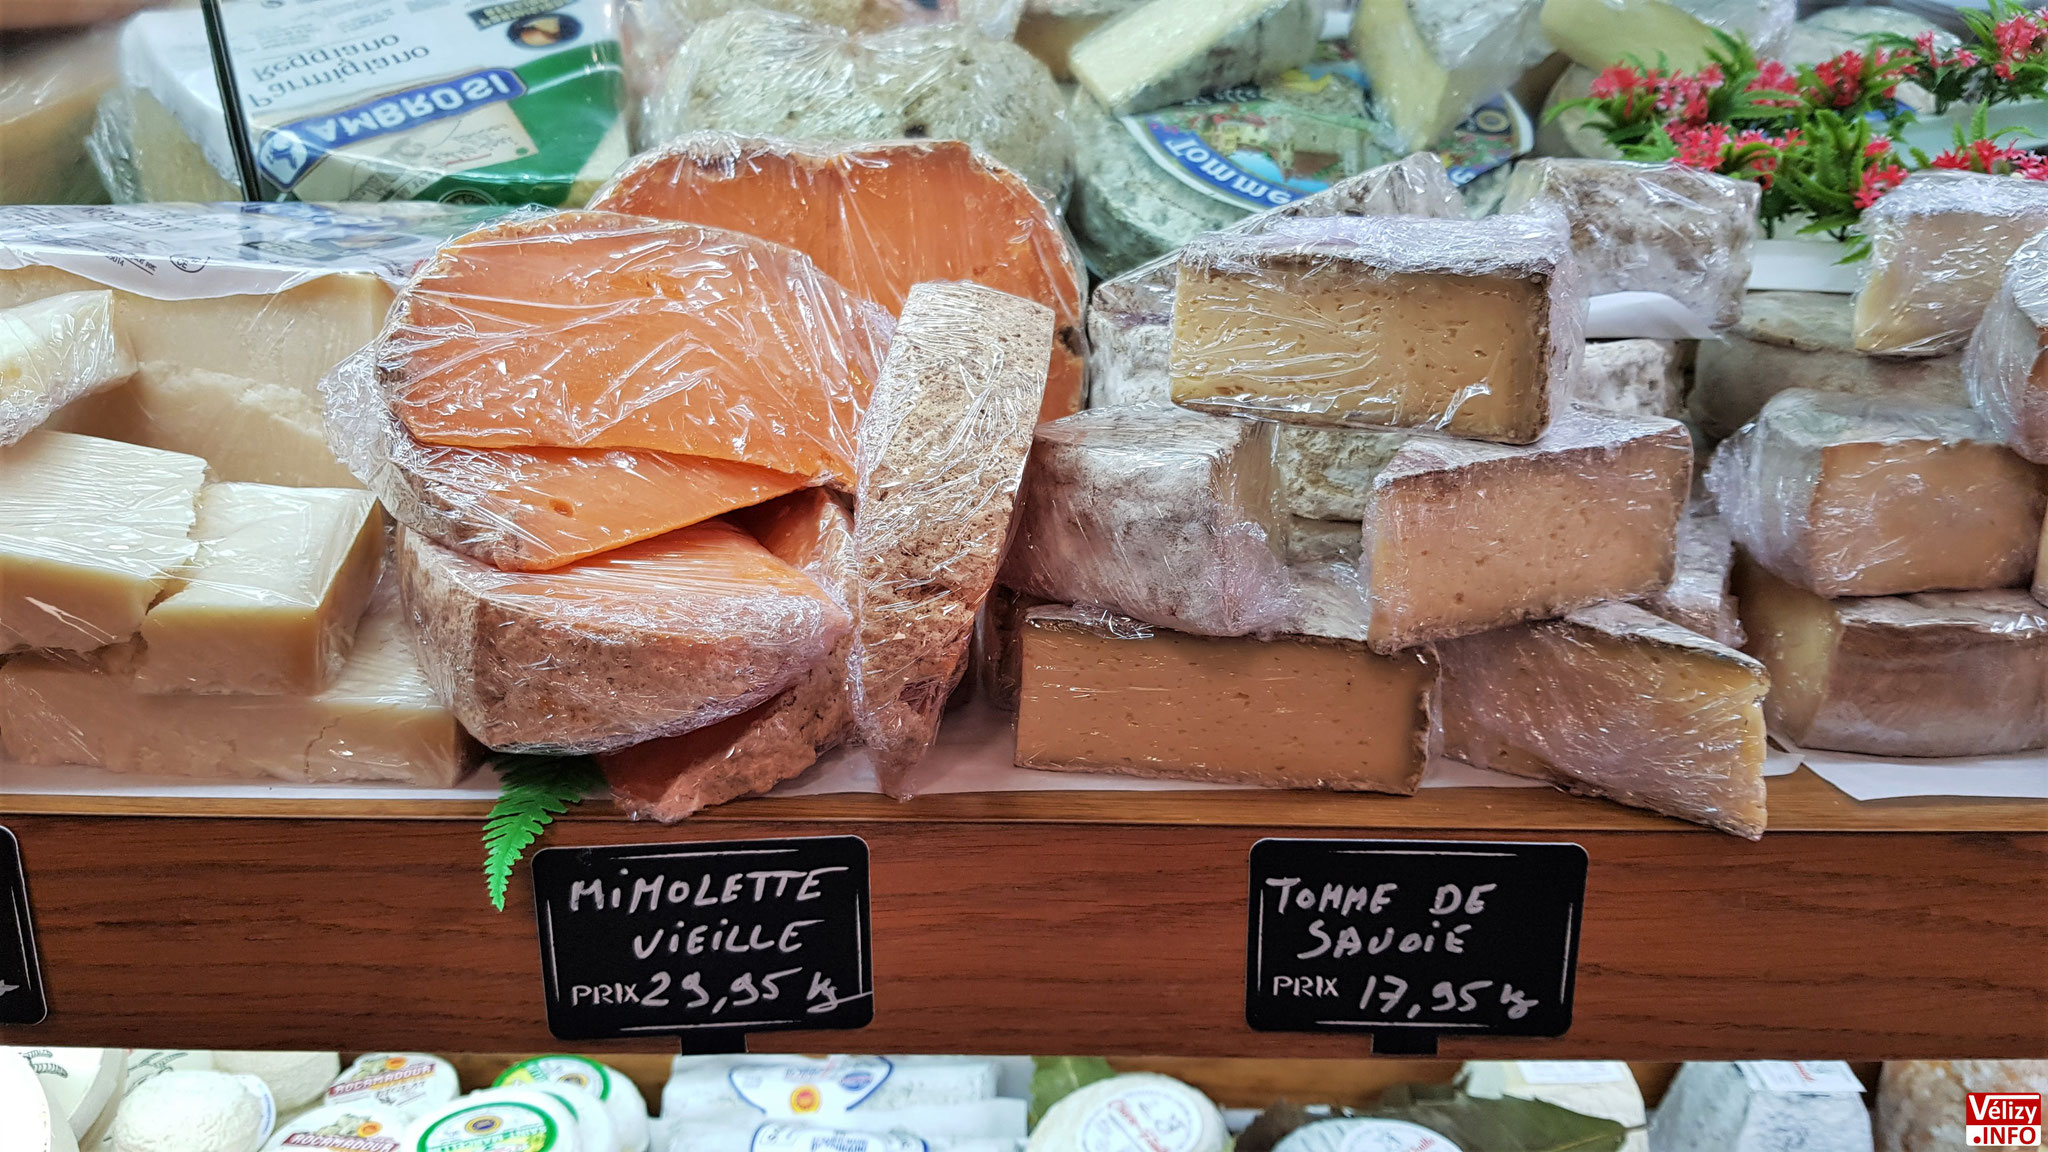 Du fromage en vente à la Boucherie du Village - Chez Christophe à Vélizy-Villacoublay.